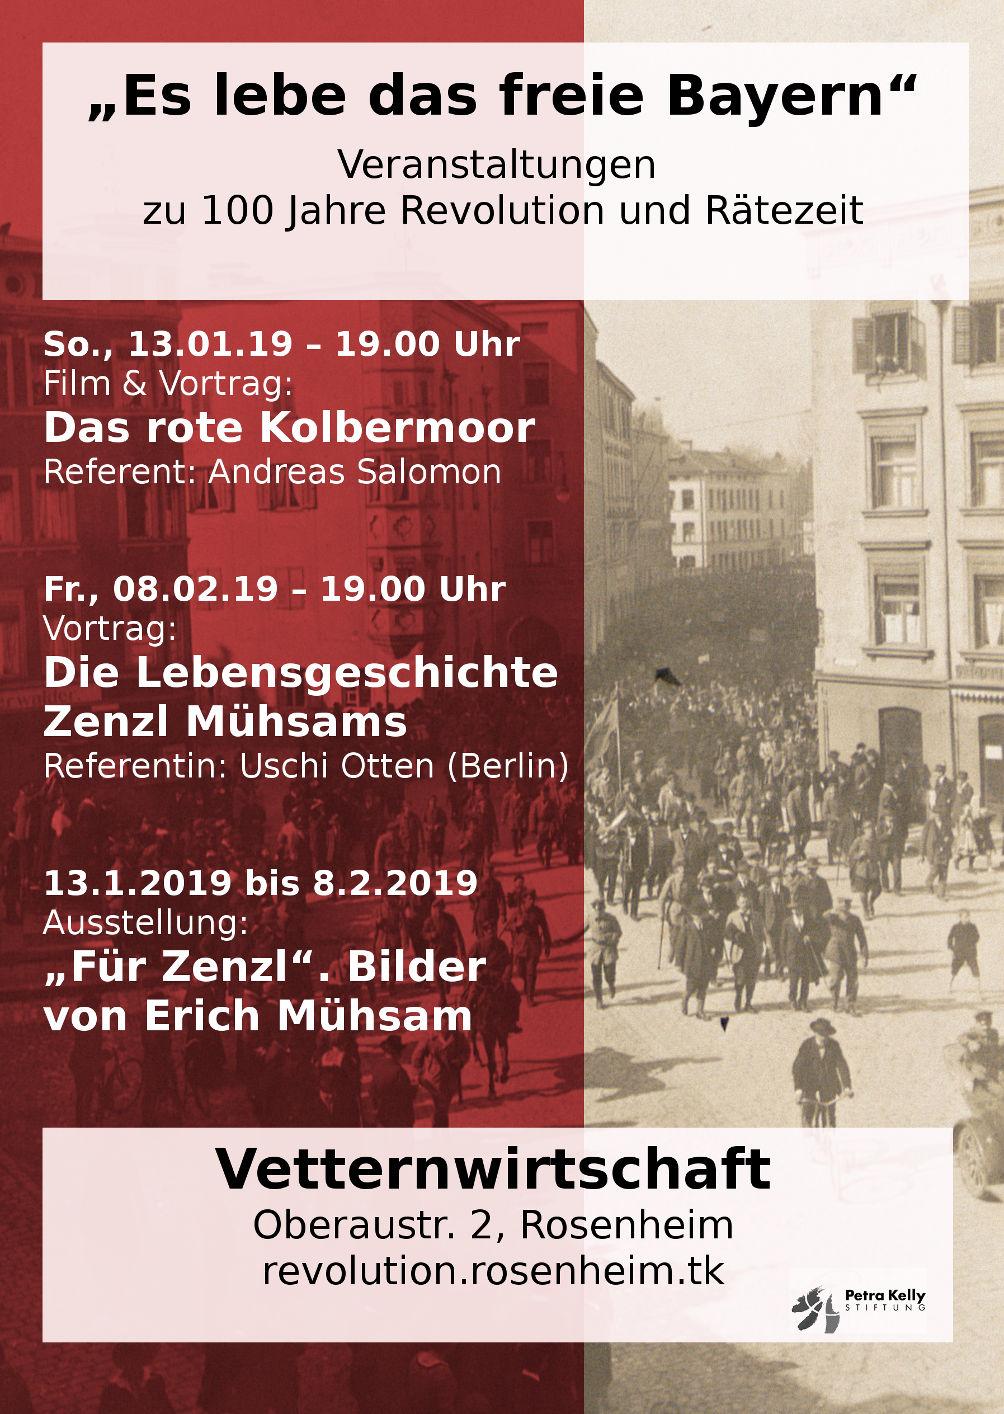 Das rote Kolbermoor  –  So., 13.01.19: Film, Vortrag